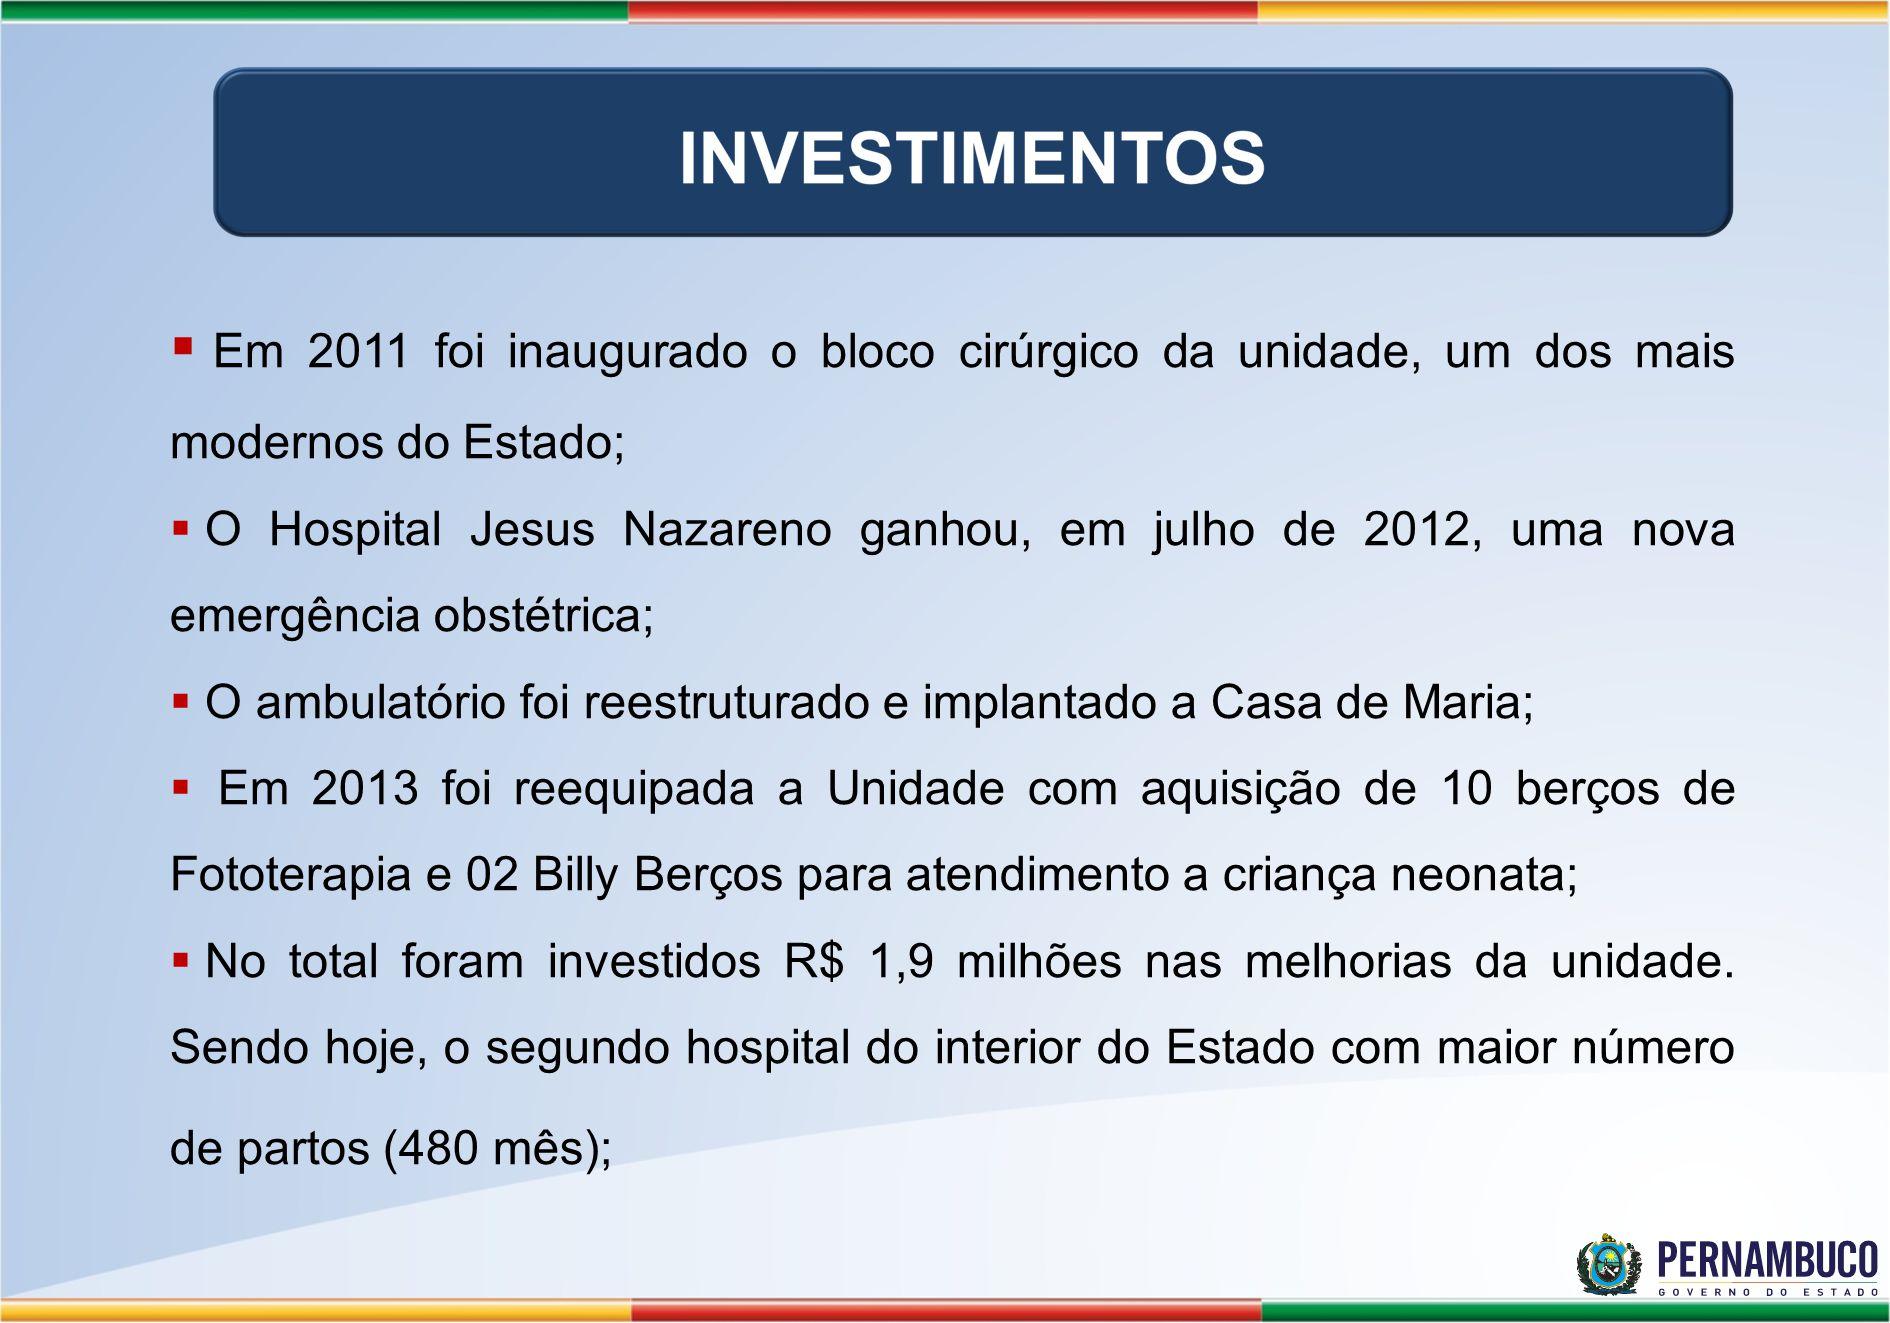 Em 2011 foi inaugurado o bloco cirúrgico da unidade, um dos mais modernos do Estado; O Hospital Jesus Nazareno ganhou, em julho de 2012, uma nova emer